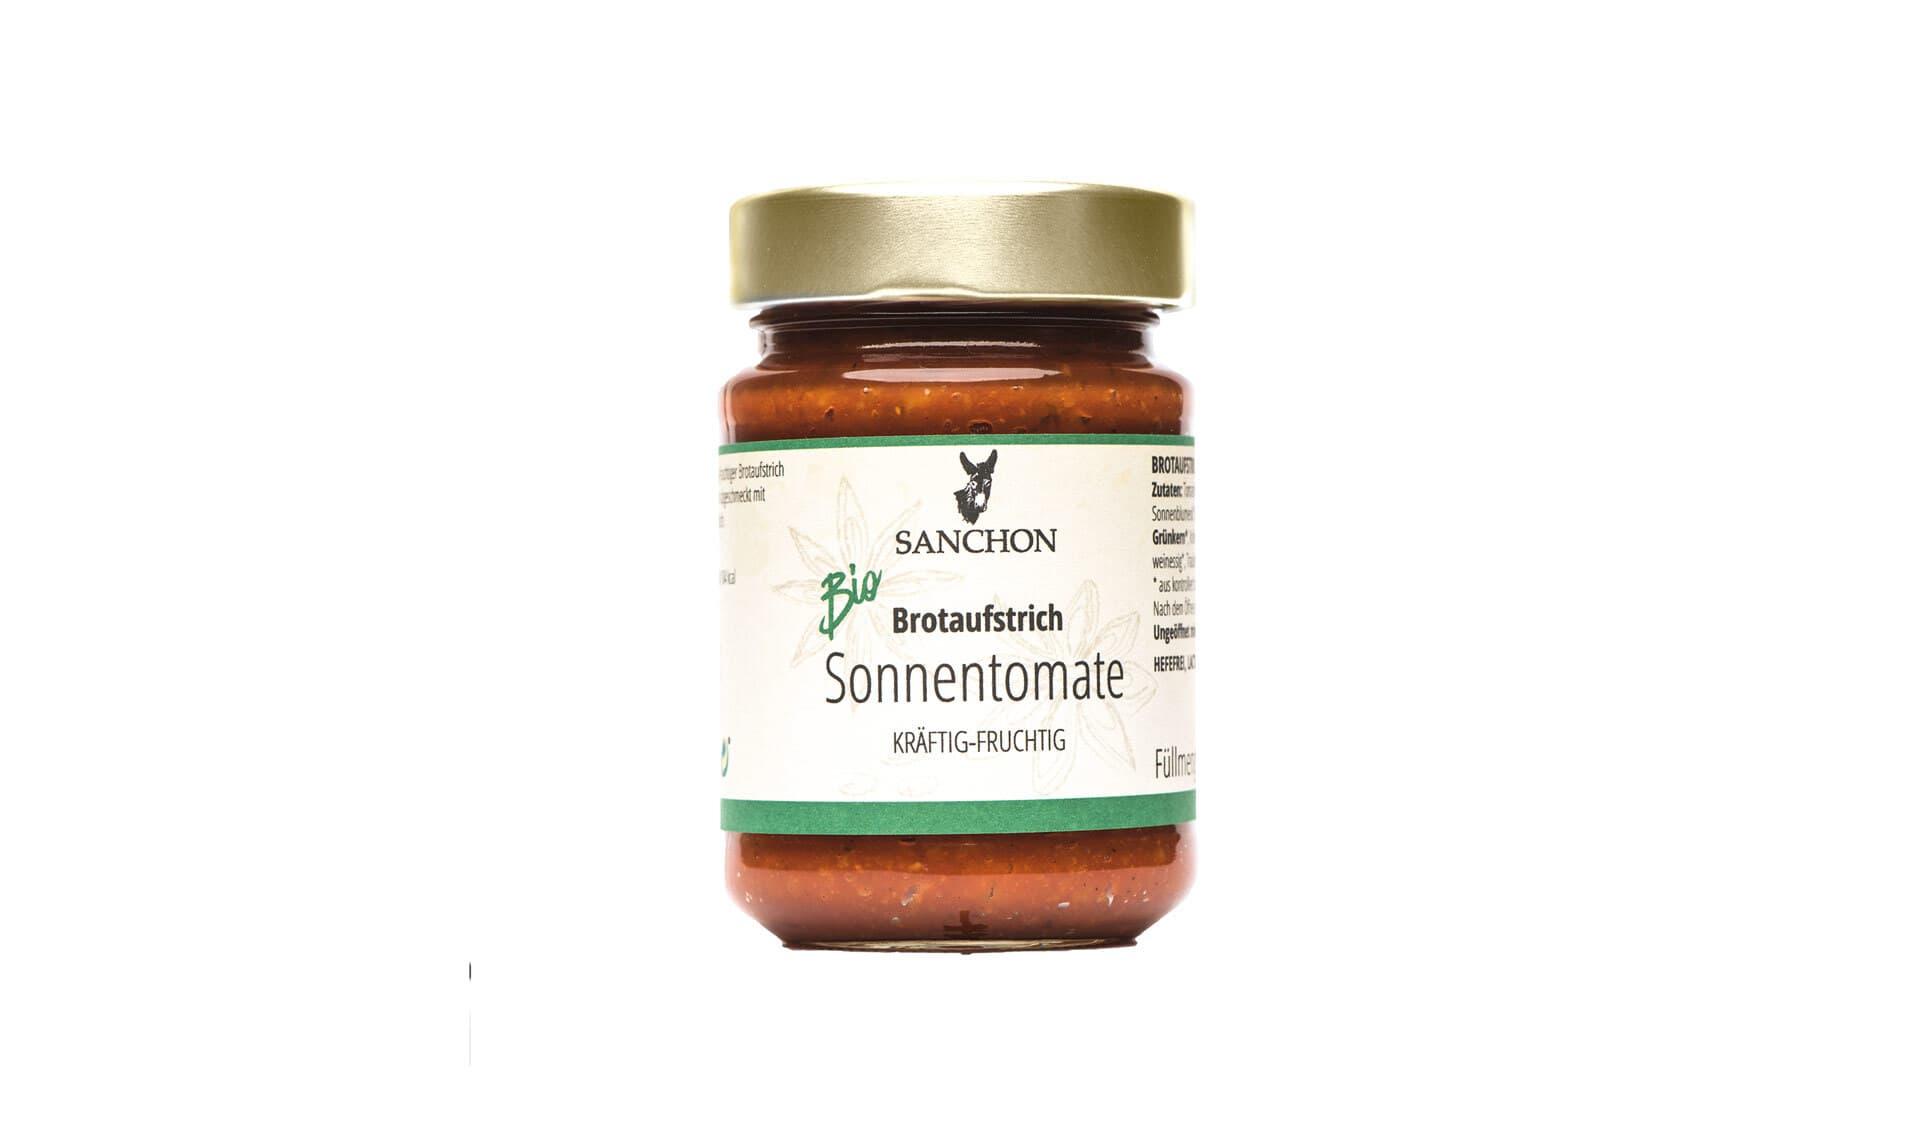 Sanchon/Petersilchen: Sonnentomate